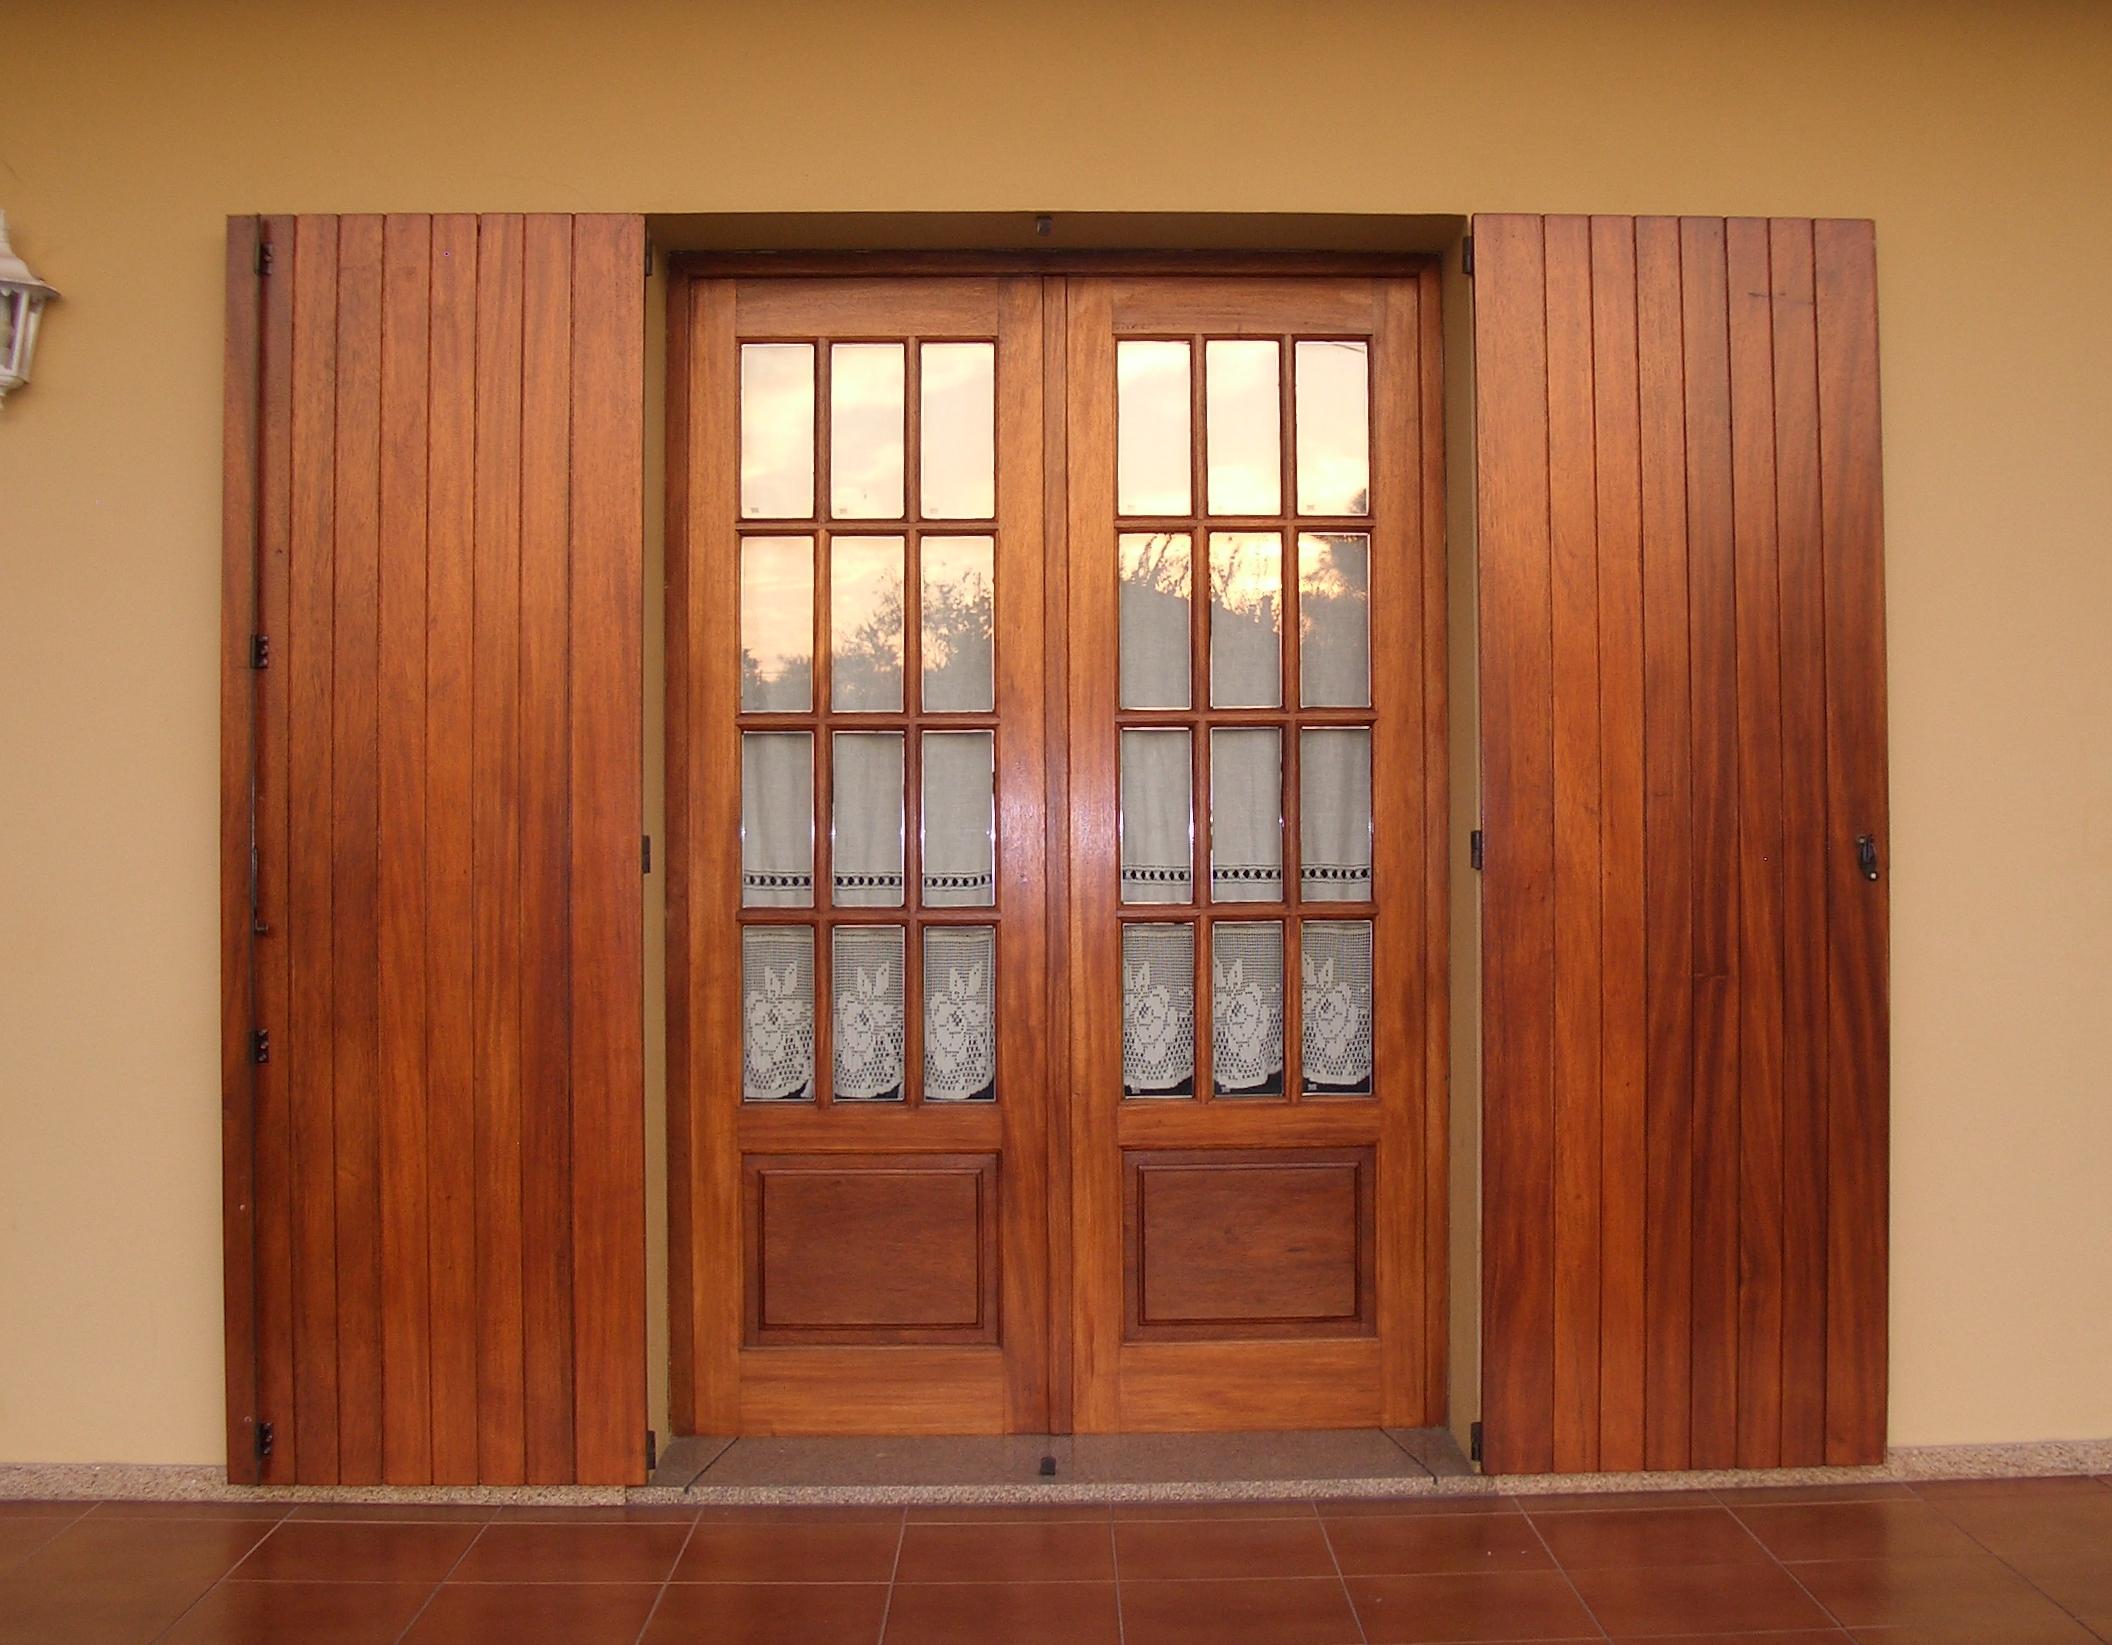 #C0860B CAIXILHARIA MADEIRA > > porta/janela em madeira 1154 Portas E Janelas De Madeira Em Botucatu